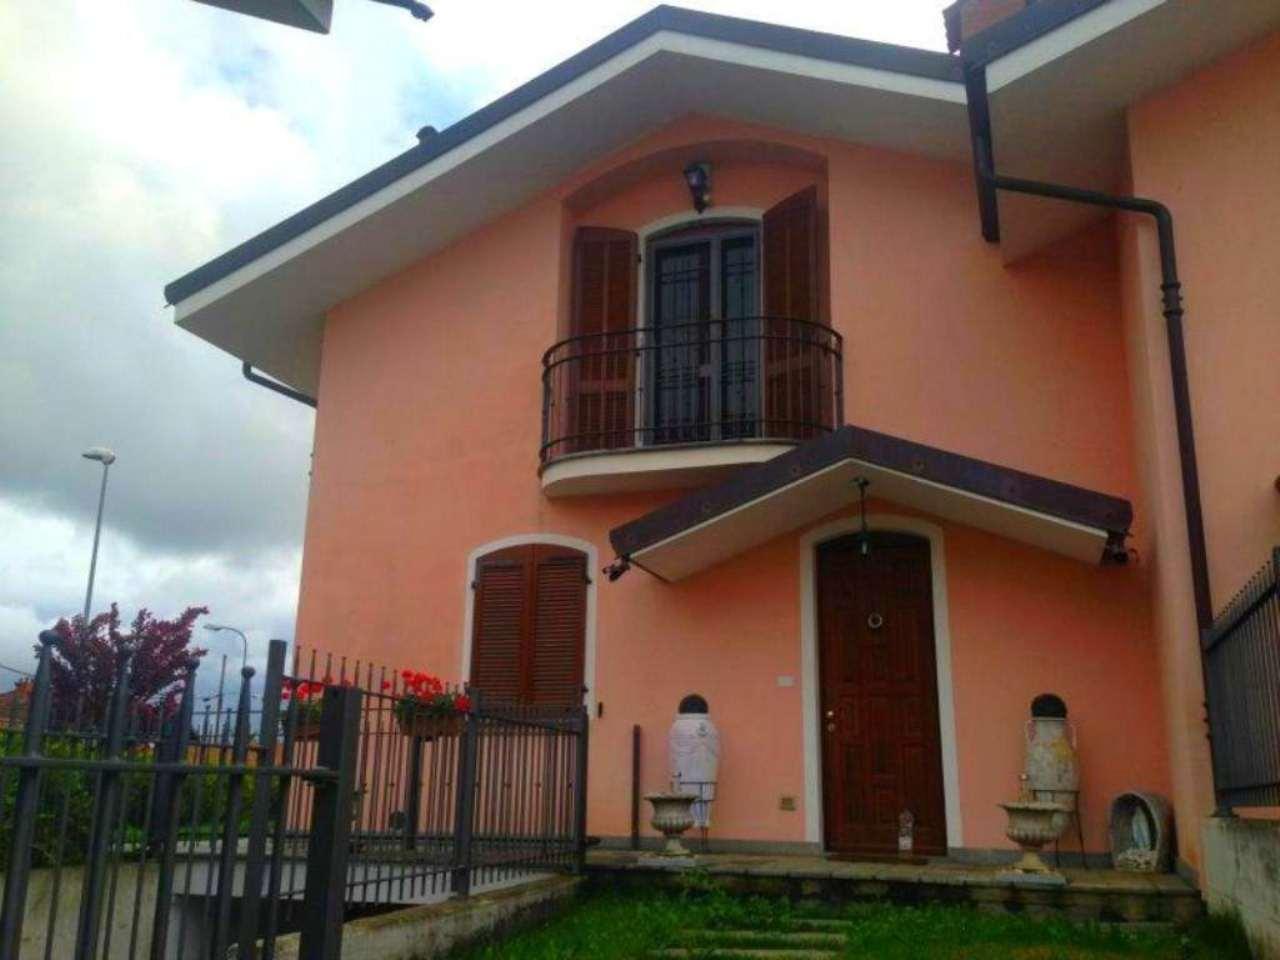 Villa in vendita a Lombriasco, 7 locali, prezzo € 220.000 | CambioCasa.it